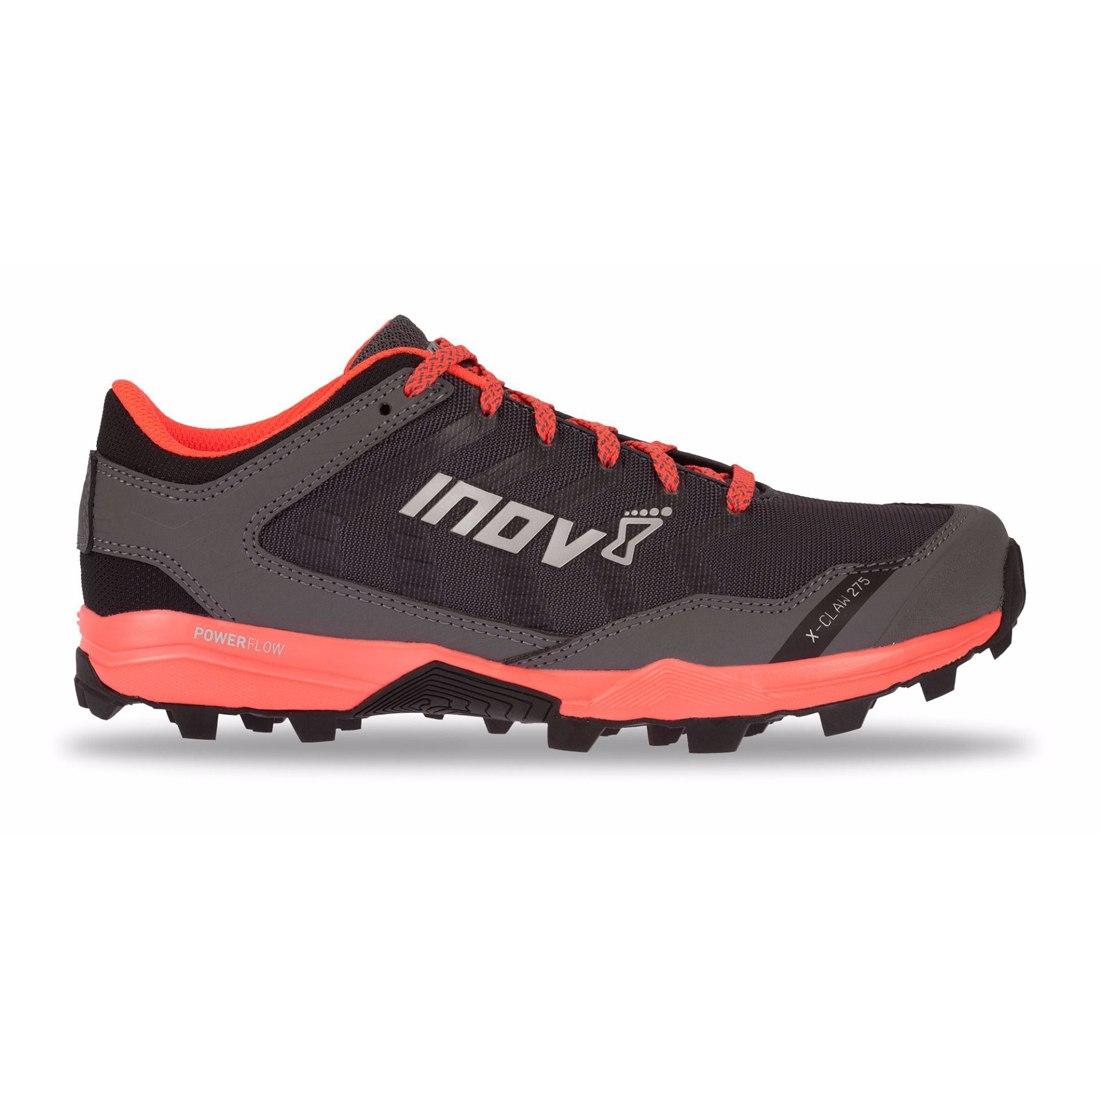 Produktbild von Inov-8 X-Claw 275 Damen-Laufschuh - grey/coral